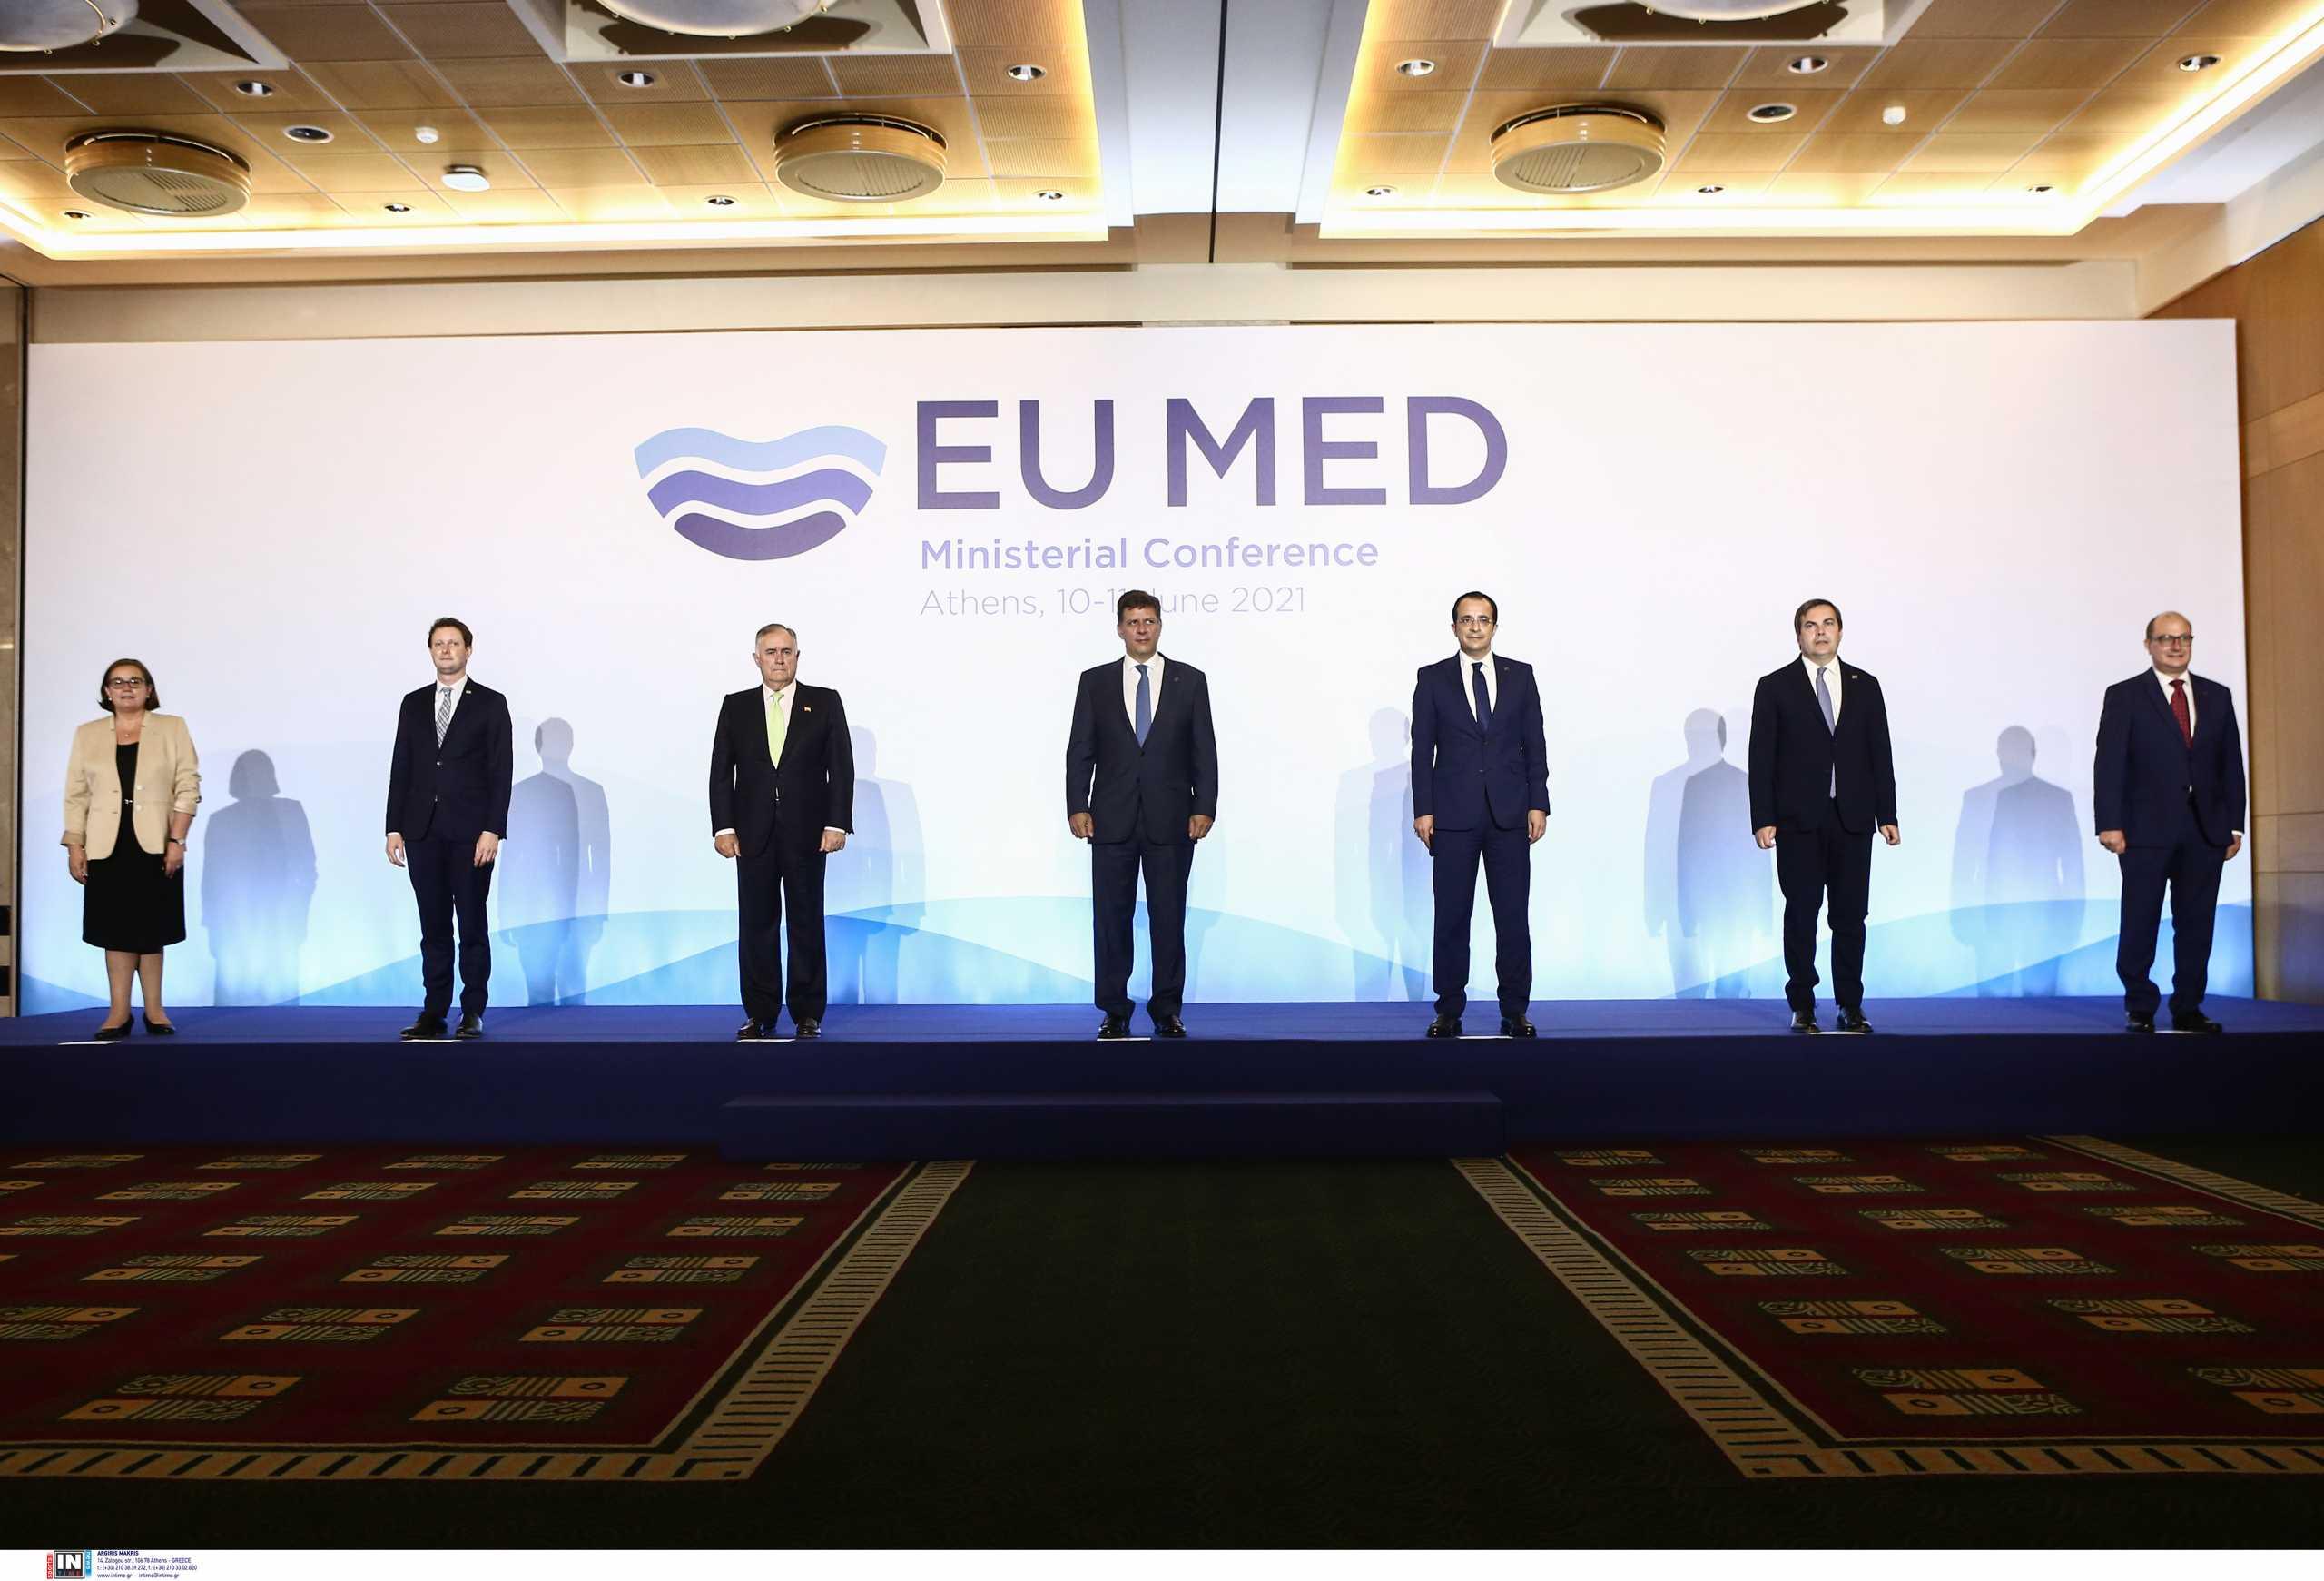 Γαλλία: Σαφής υποστήριξη και αλληλεγγύη σε Ελλάδα-Κύπρο στην ανατολική Μεσόγειο